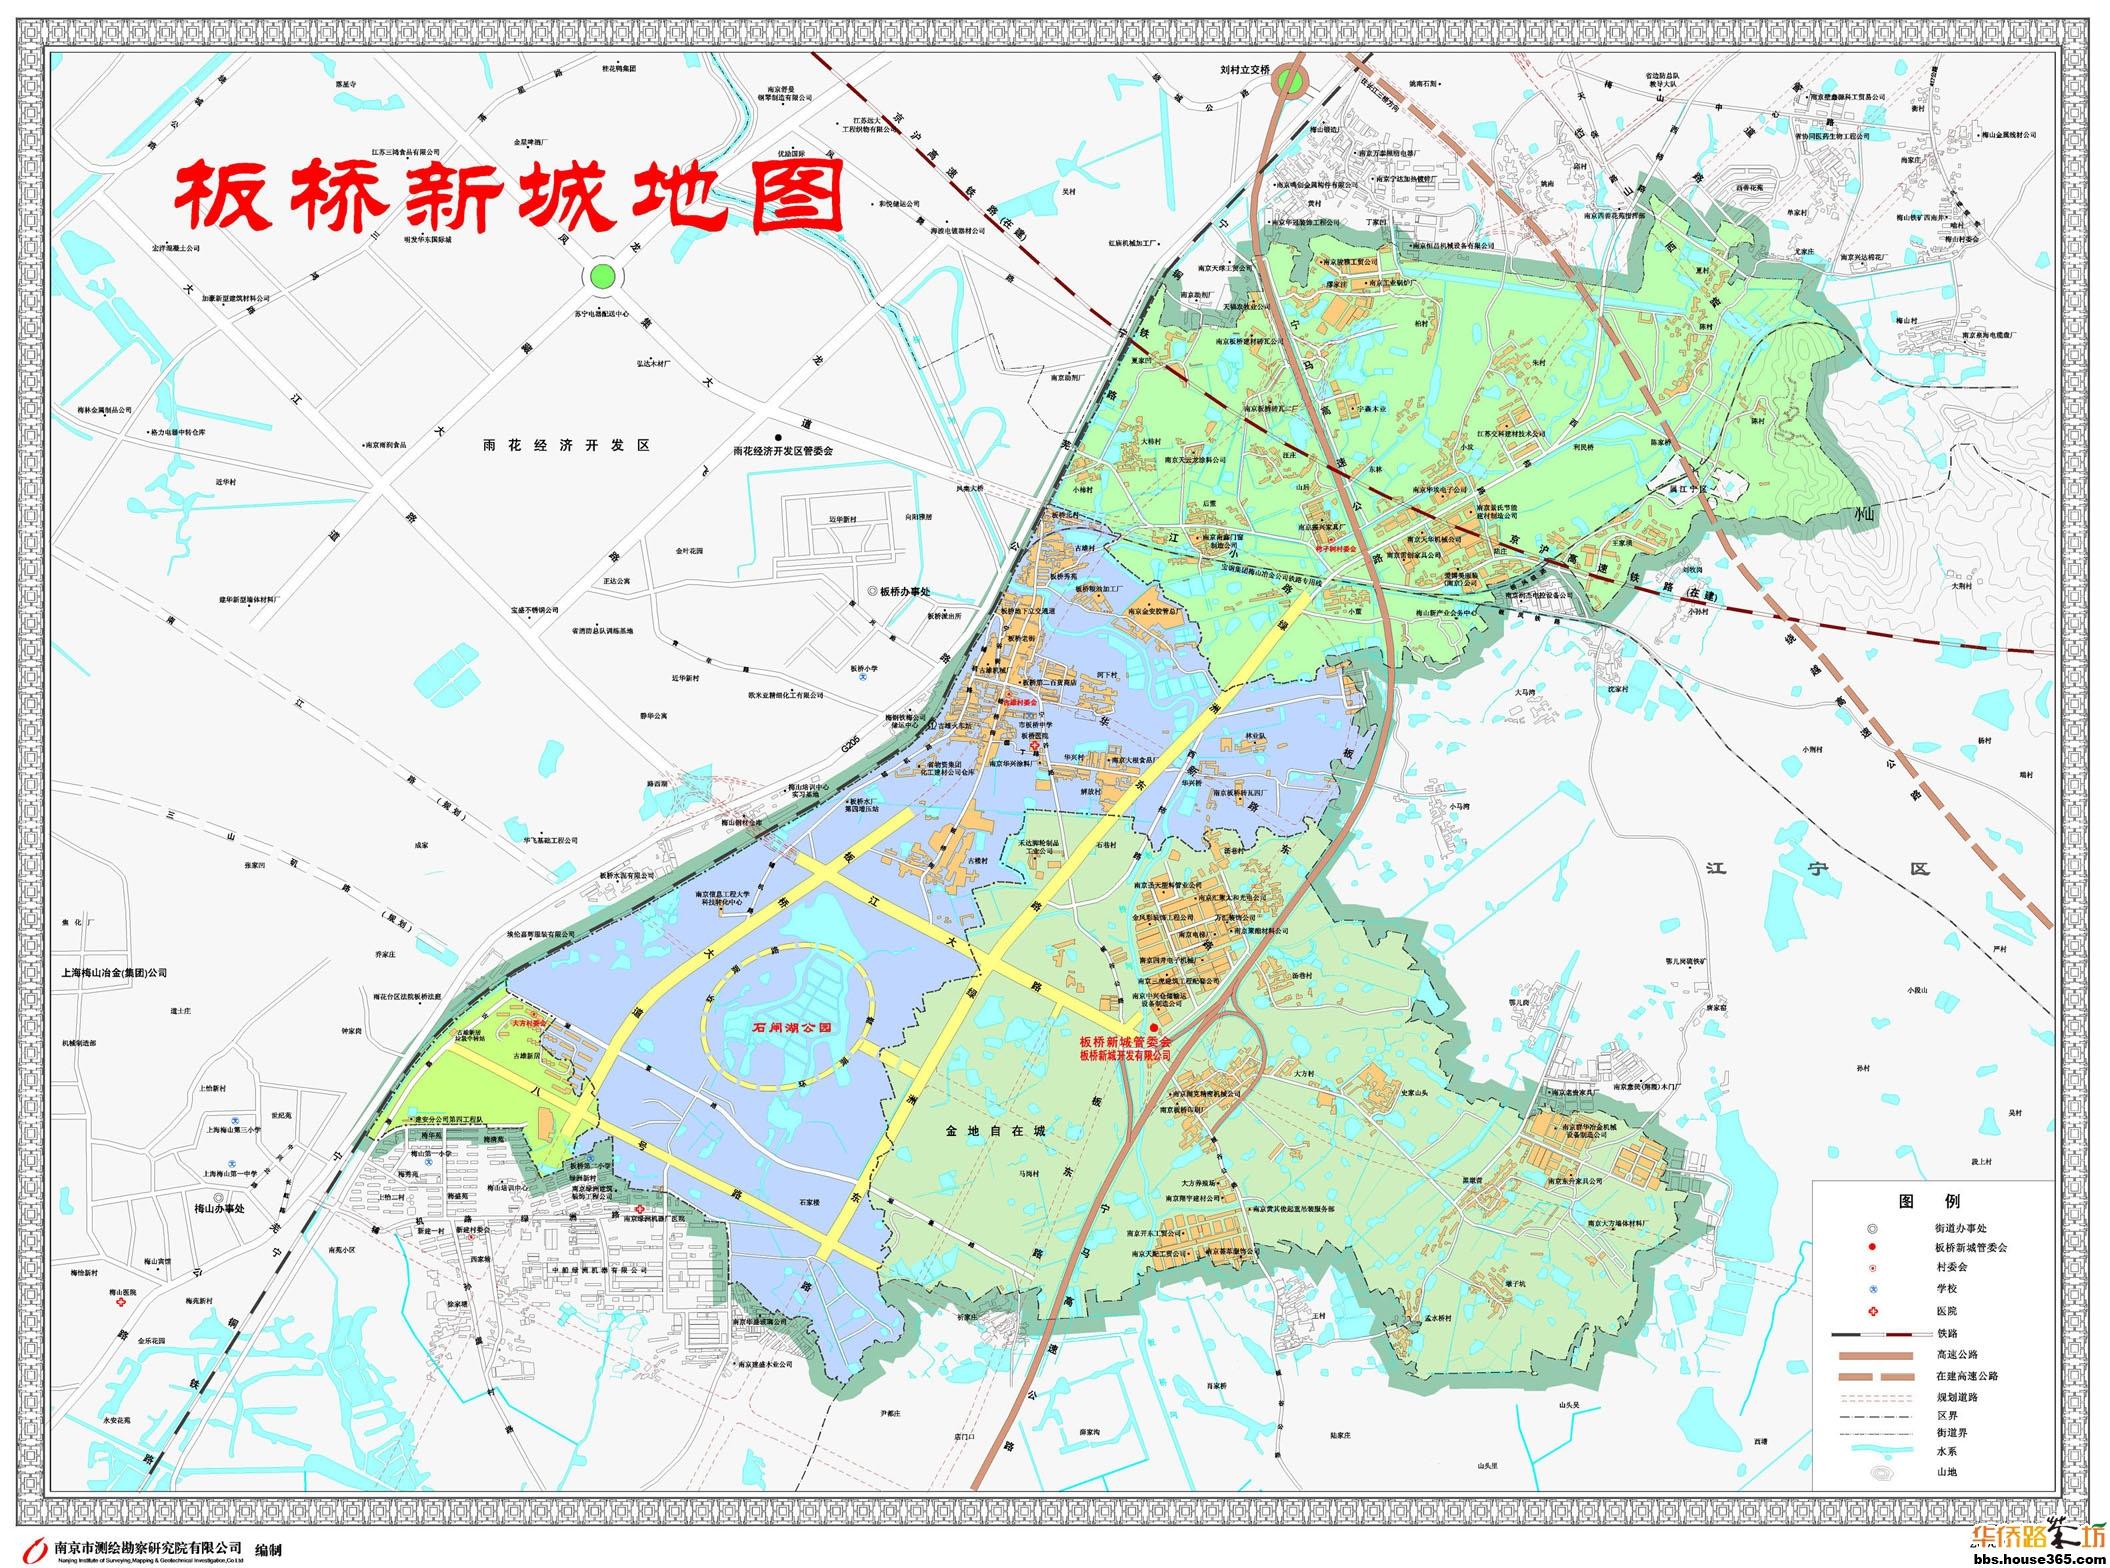 2013年南京区划调整后[板桥新城位置关系图]--8期业主